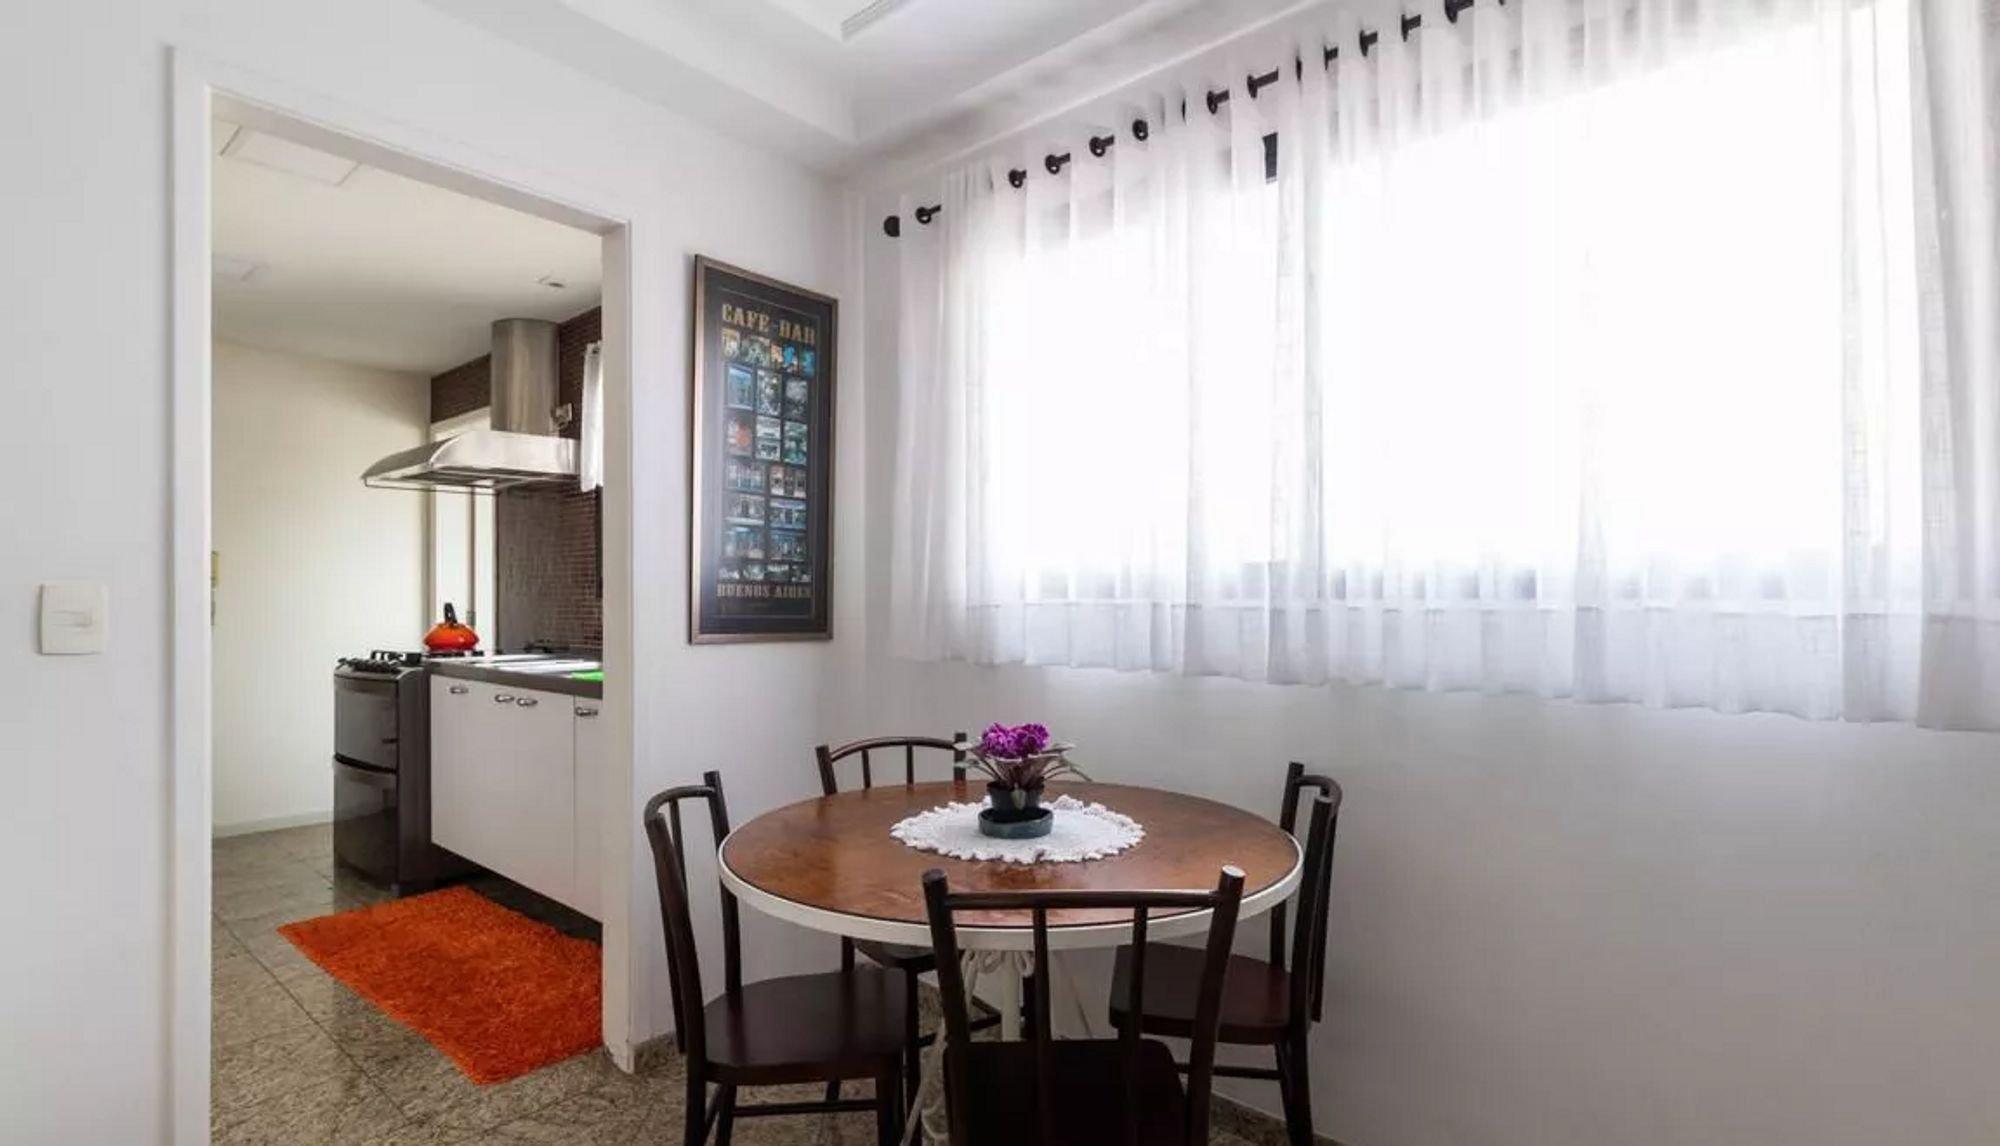 Foto de Sala com televisão, vaso, garrafa, forno, cadeira, mesa de jantar